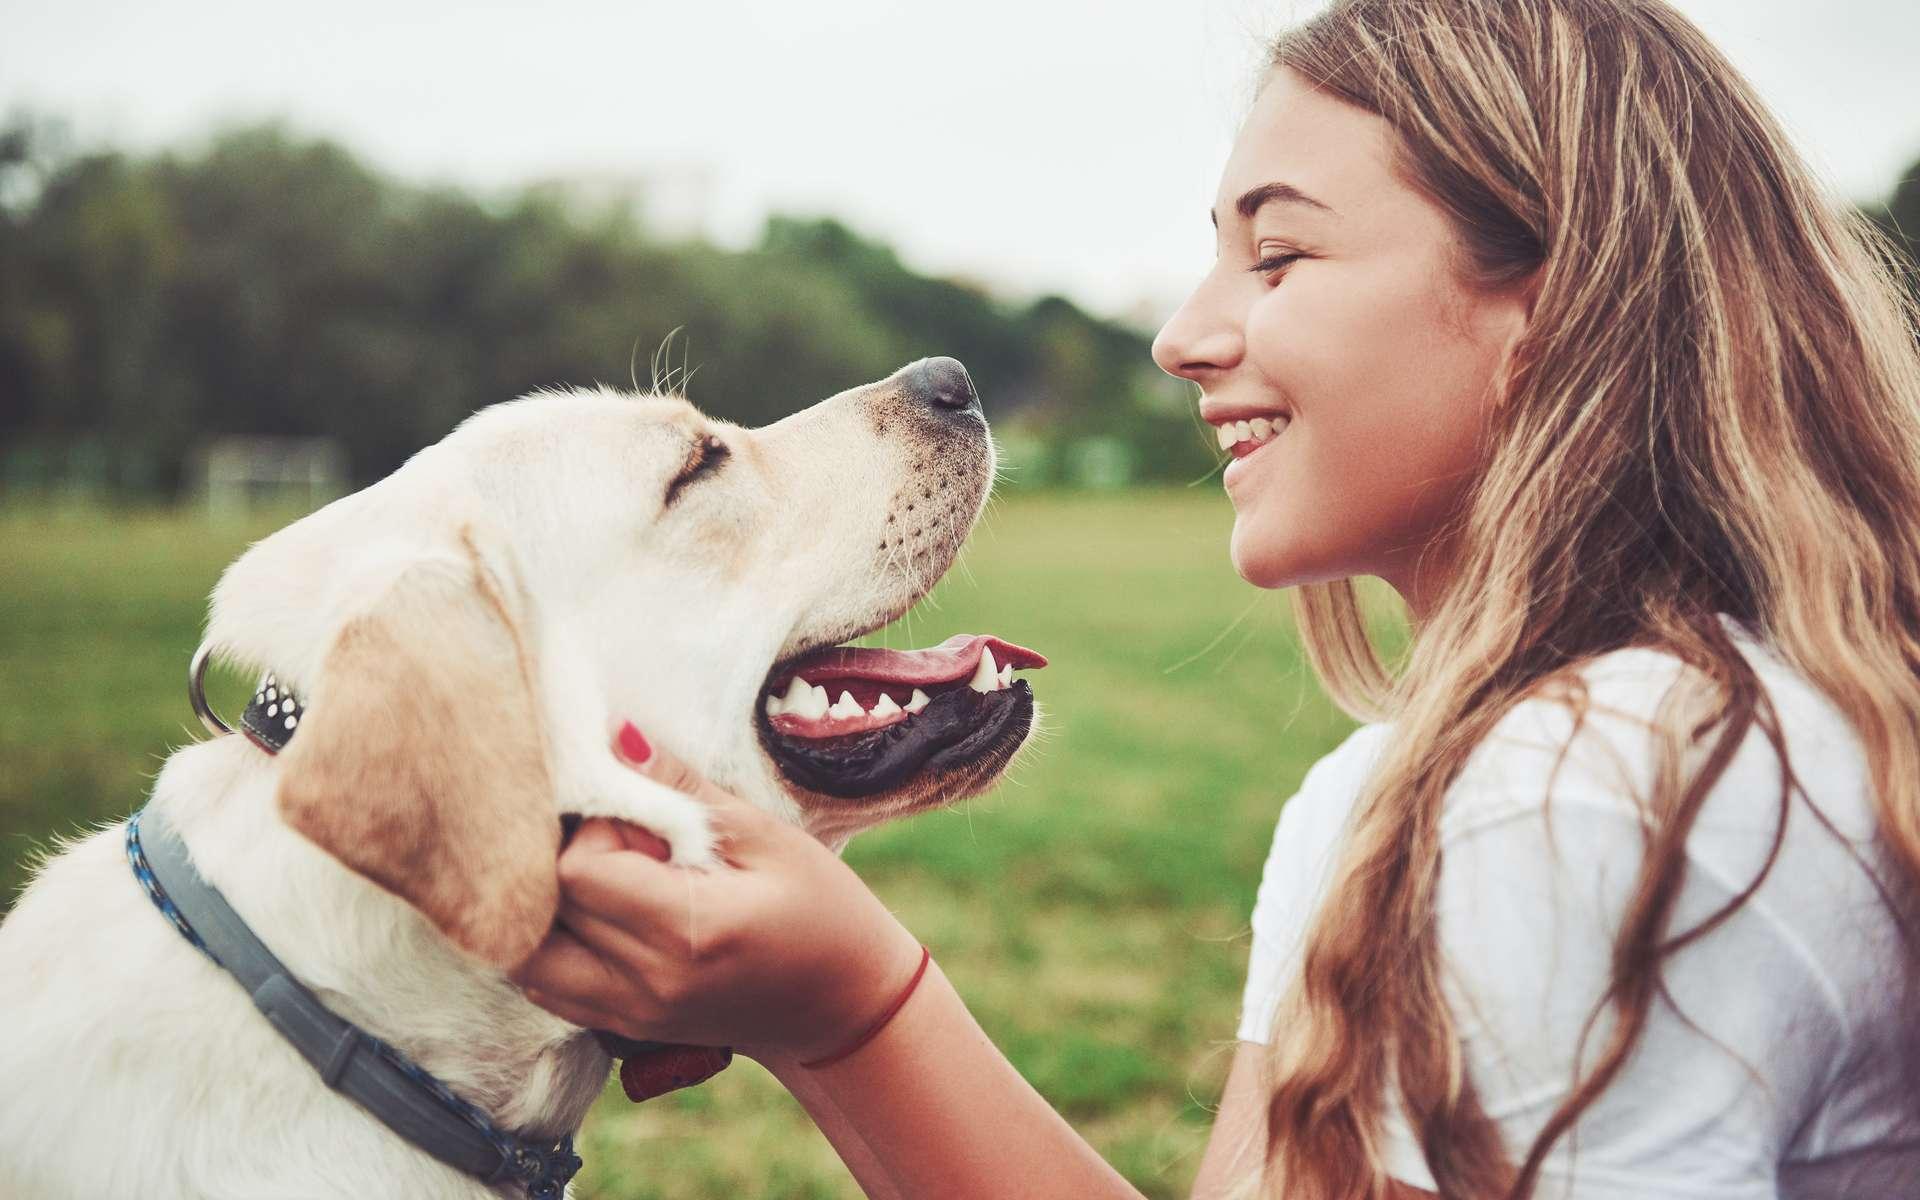 La femme aurait eu une influence plus grande que l'homme sur son meilleur ami. © standret, Adobe Stock